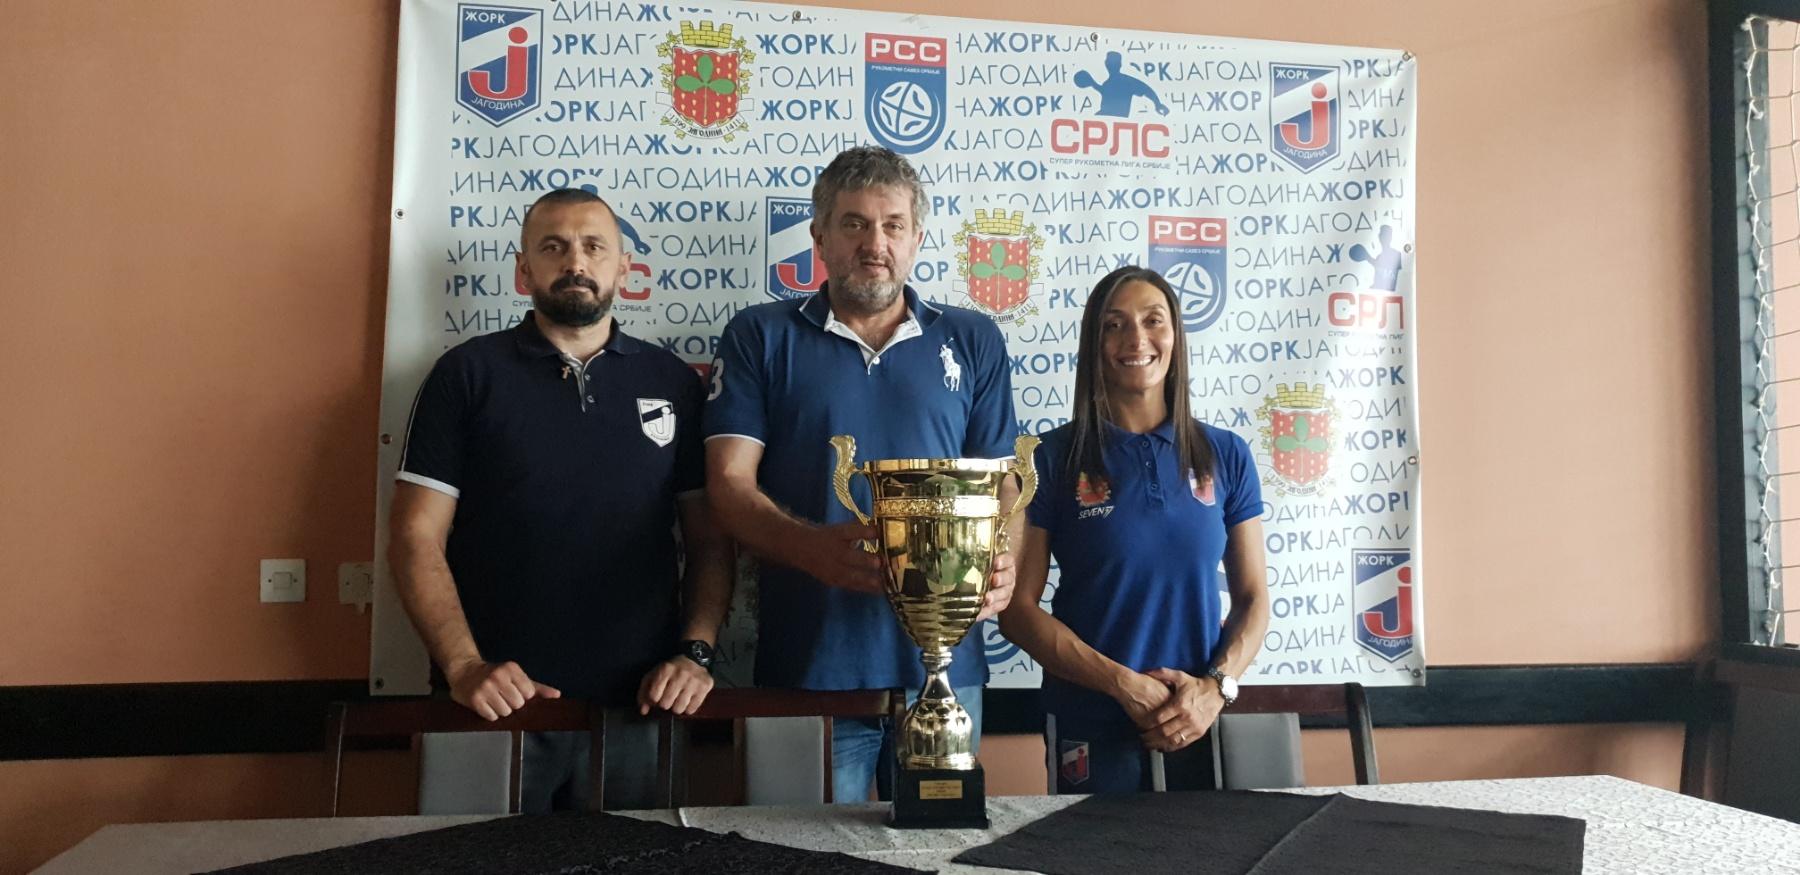 Rukometašice iz Jagodine najuspešnija sportska ekipa u Srbiji u sezoni 2020/21